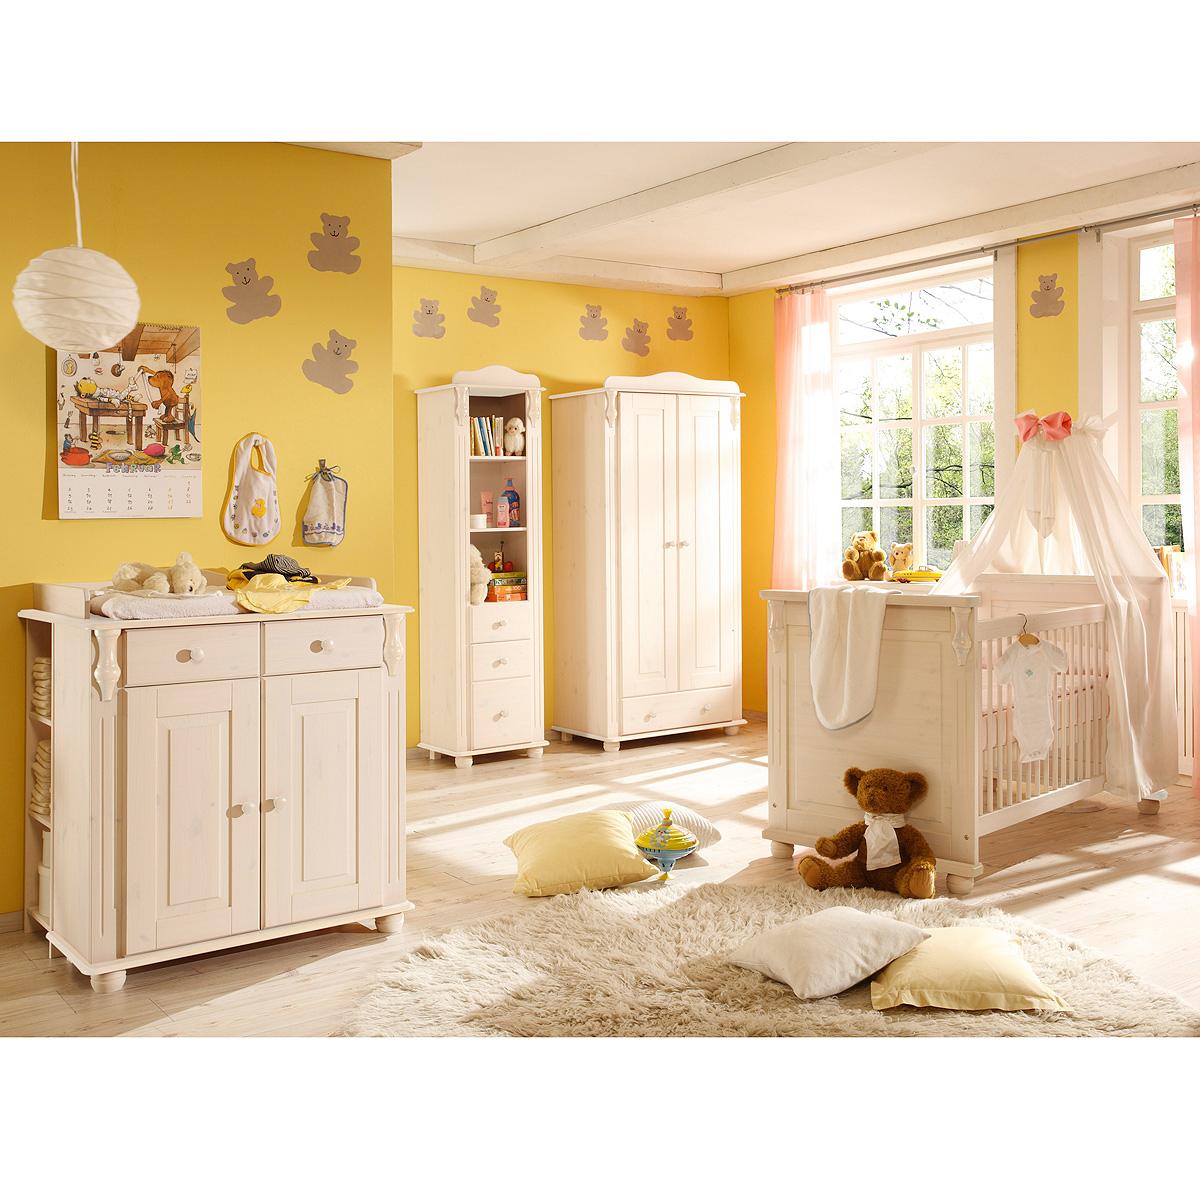 Babyzimmer set lara ii kinderzimmer babybett wickeltisch for Babyzimmer kinderzimmer